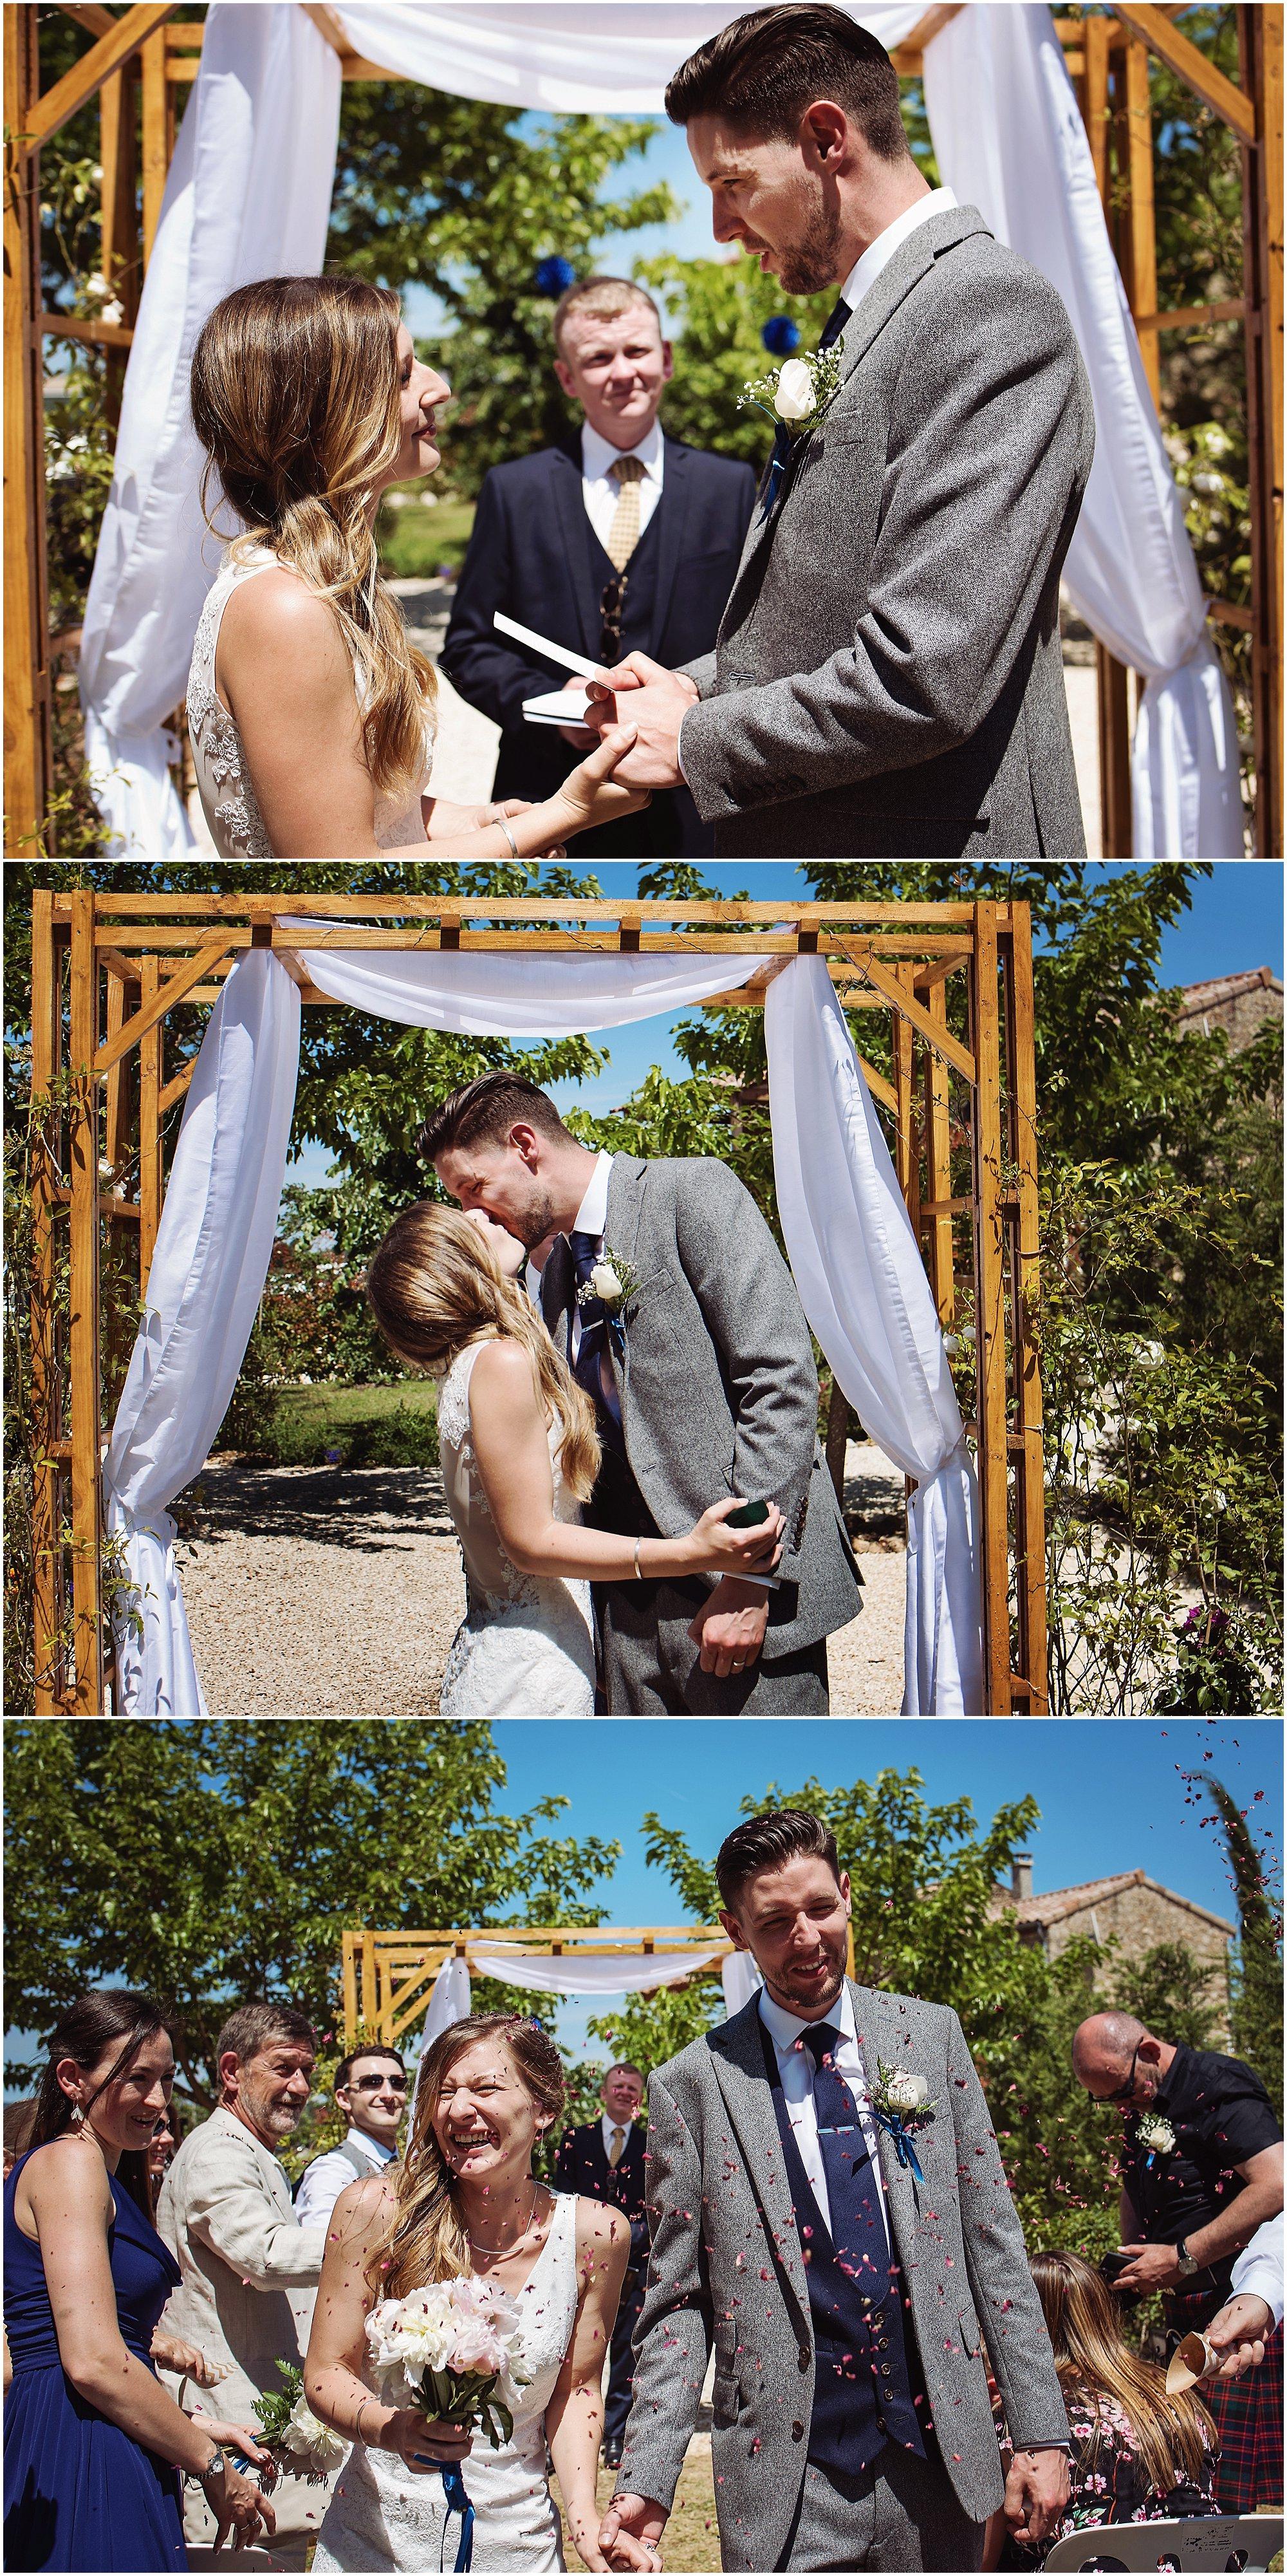 RUUDC, RUUDC Fotografie, fotograaf Ruud, Bruidsfotograaf Nederland, Bruidsfotograaf Limburg, bruidsfotograaf Roermond, trouwfotograaf Nederland, trouwfotograaf Limburg, trouwfotograaf Roermond, journalistiek, emoties, foto's met emotie, momenten, bohemian bruiloft, hippe bruiloft, hippe fotograaf, romantische bruidsfotografie, buitenbruiloft, Destination Wedding, Destination wedding fotograaf, Trouwen in het buitenland, trouwen in Zuid-Frankrijk, trouwen Frankrijk, fotograaf Zuid-Frankrijk, Trouwen Ardèche, trouwfotograaf, bruidsfotograaf, Destination wedding, destination wedding photographer, wedding South France